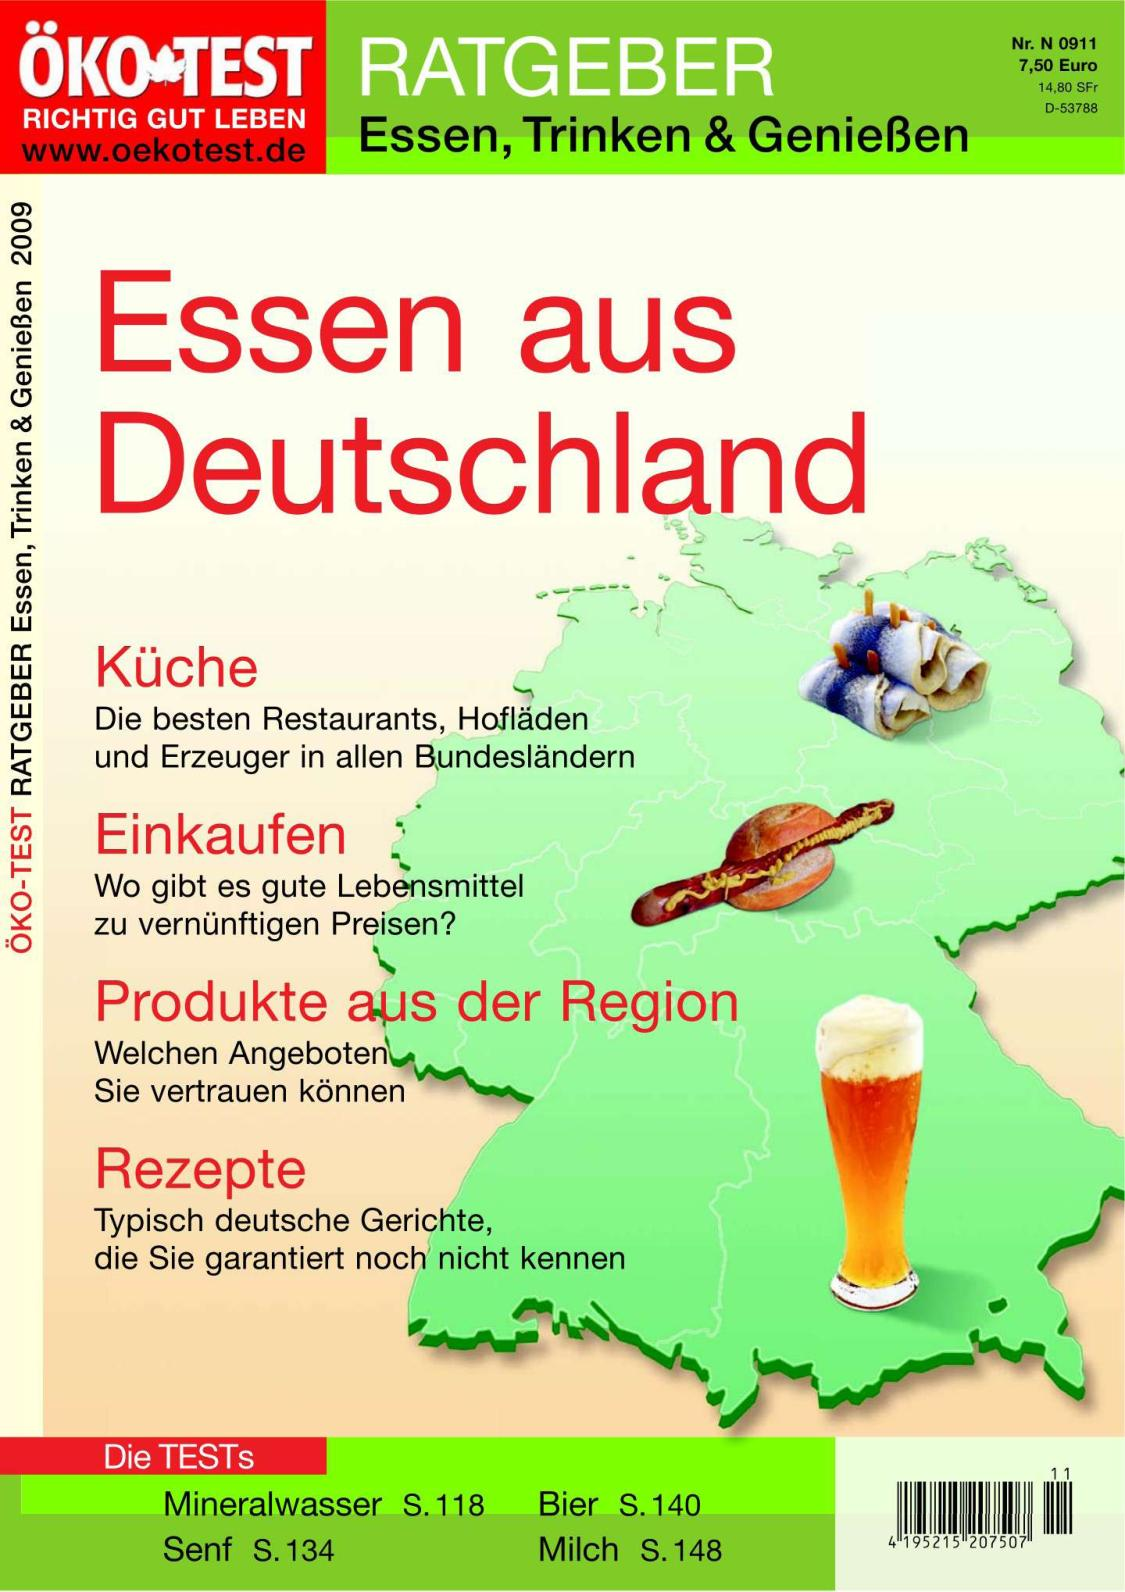 Calaméo - Ökotest Ratgeber Essen Trinken & Genießen